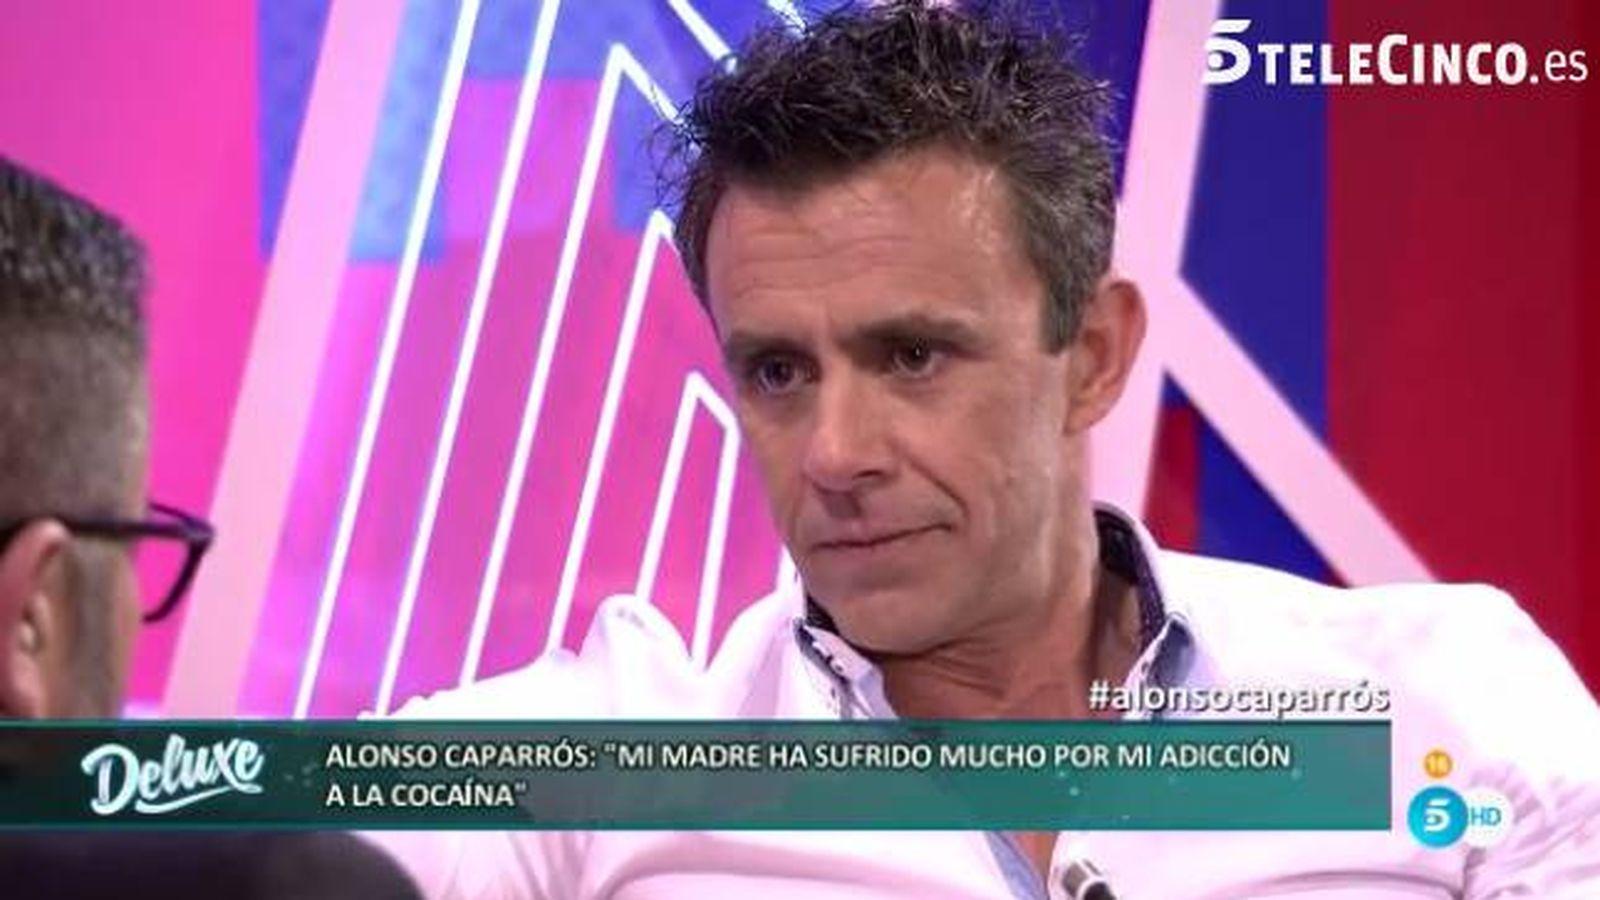 Foto: Alonso Caparrós desvela su adicción a la cocaína en 'Sábado Deluxe'